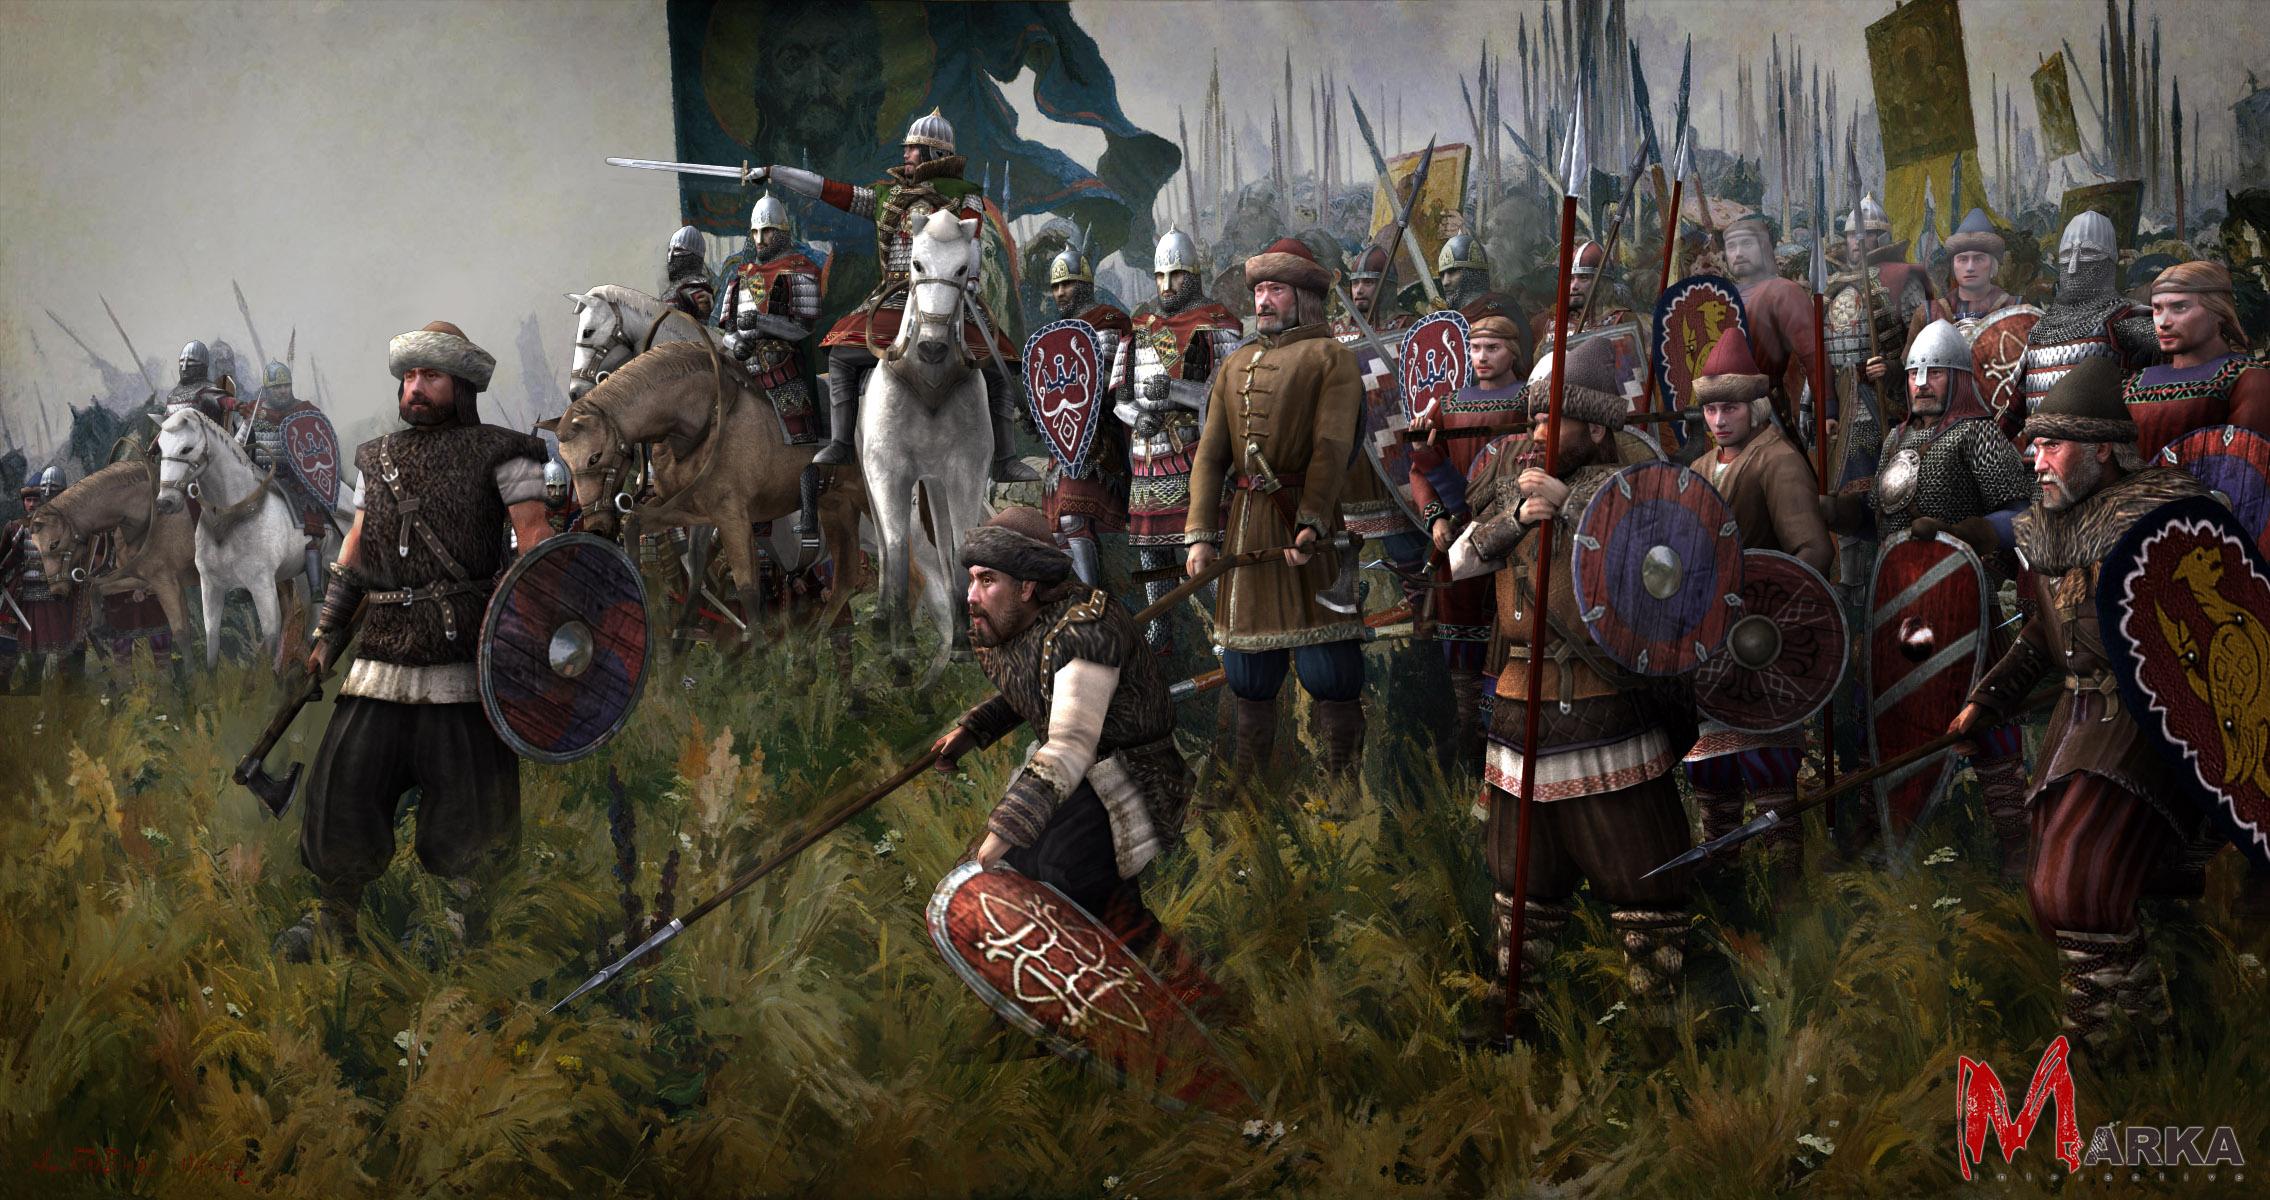 Buy Medieval II: Total War on PC game Buy Medieval II: Total War Gold Edition on PC game